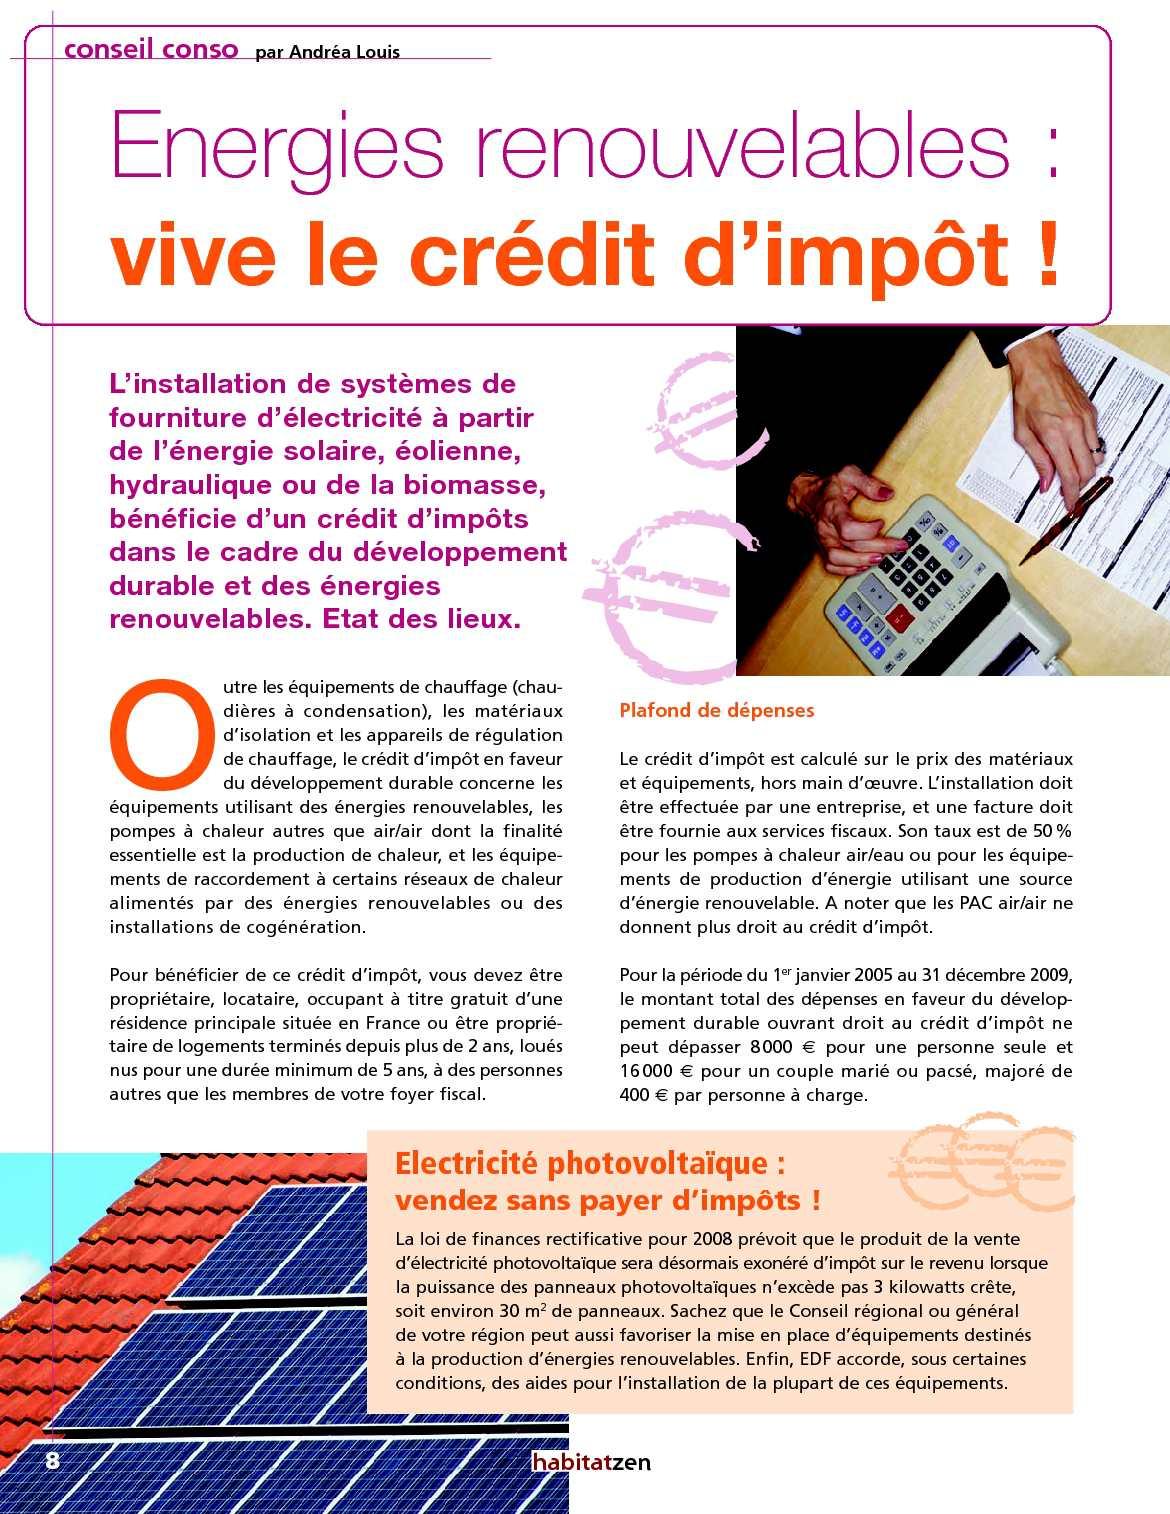 Credit Impot Chauffage Reversible habitat zen : le magazine maison déco écolo - calameo downloader